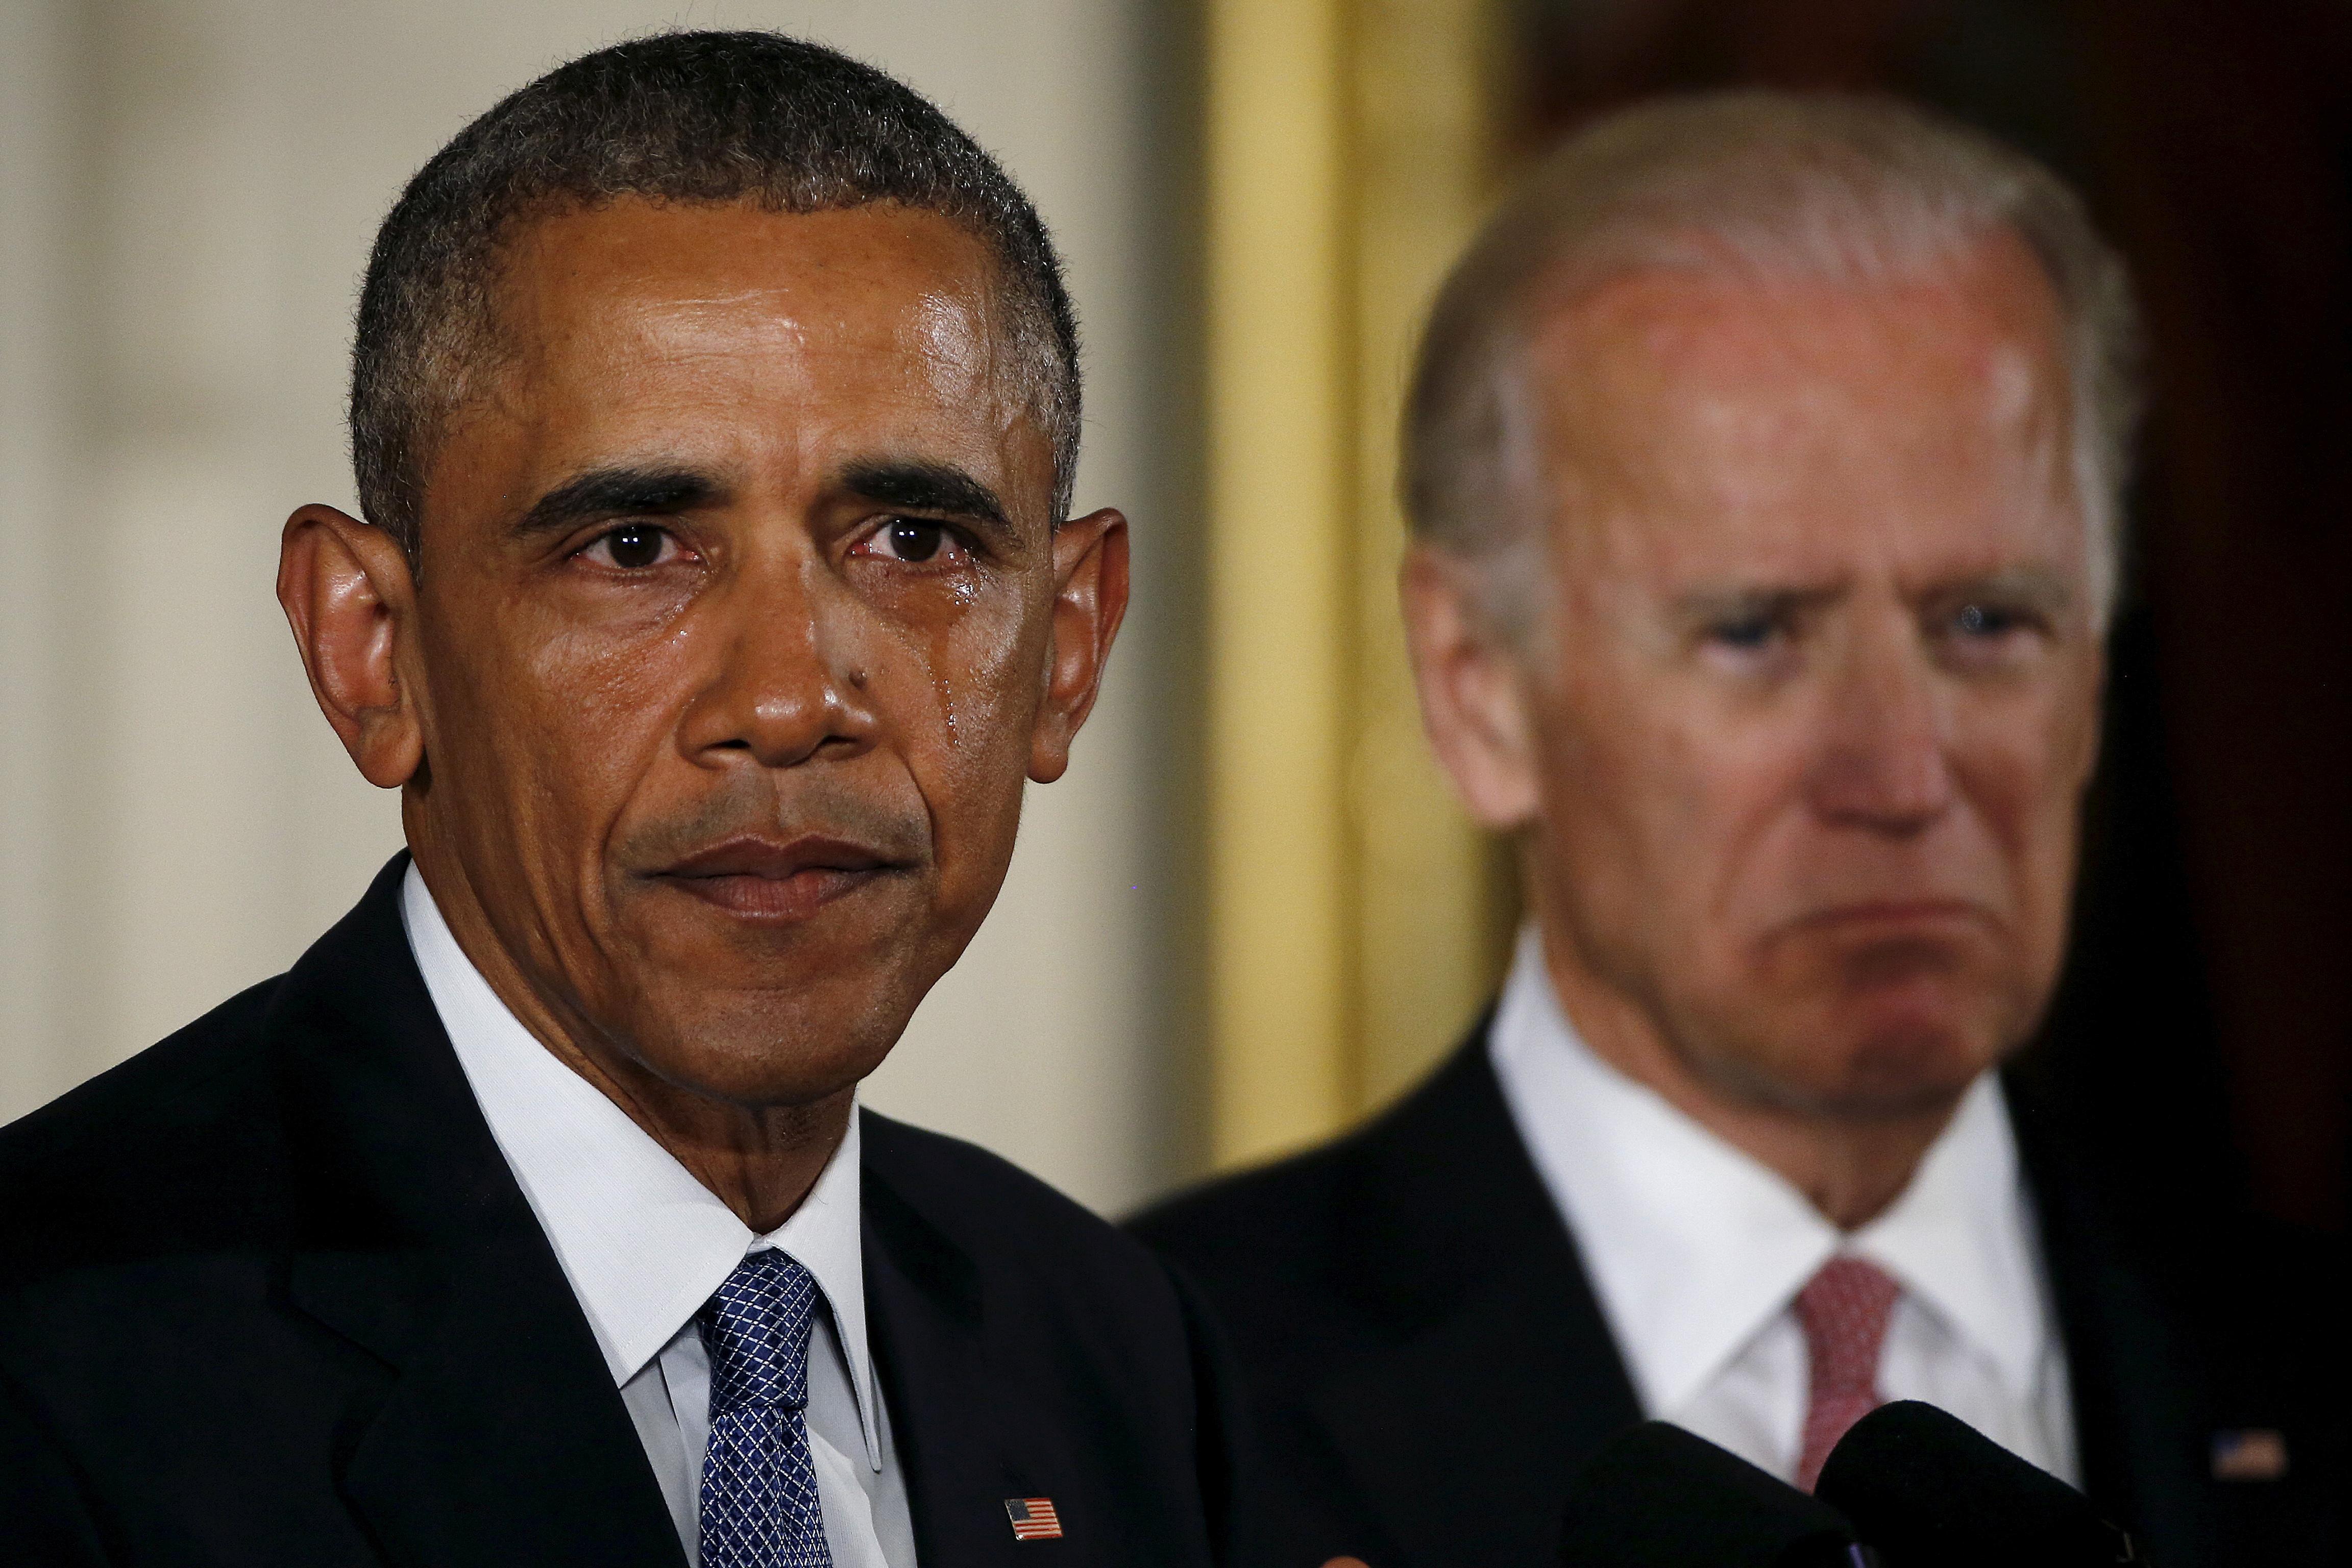 El entonces presidente de Estados Unidos, Barack Obama, llora al hacer una declaración sobre medidas para reducir la violencia armada, en la Sala Este de la Casa Blanca, el 5 de enero de 2016 (REUTERS/Carlos Barria)